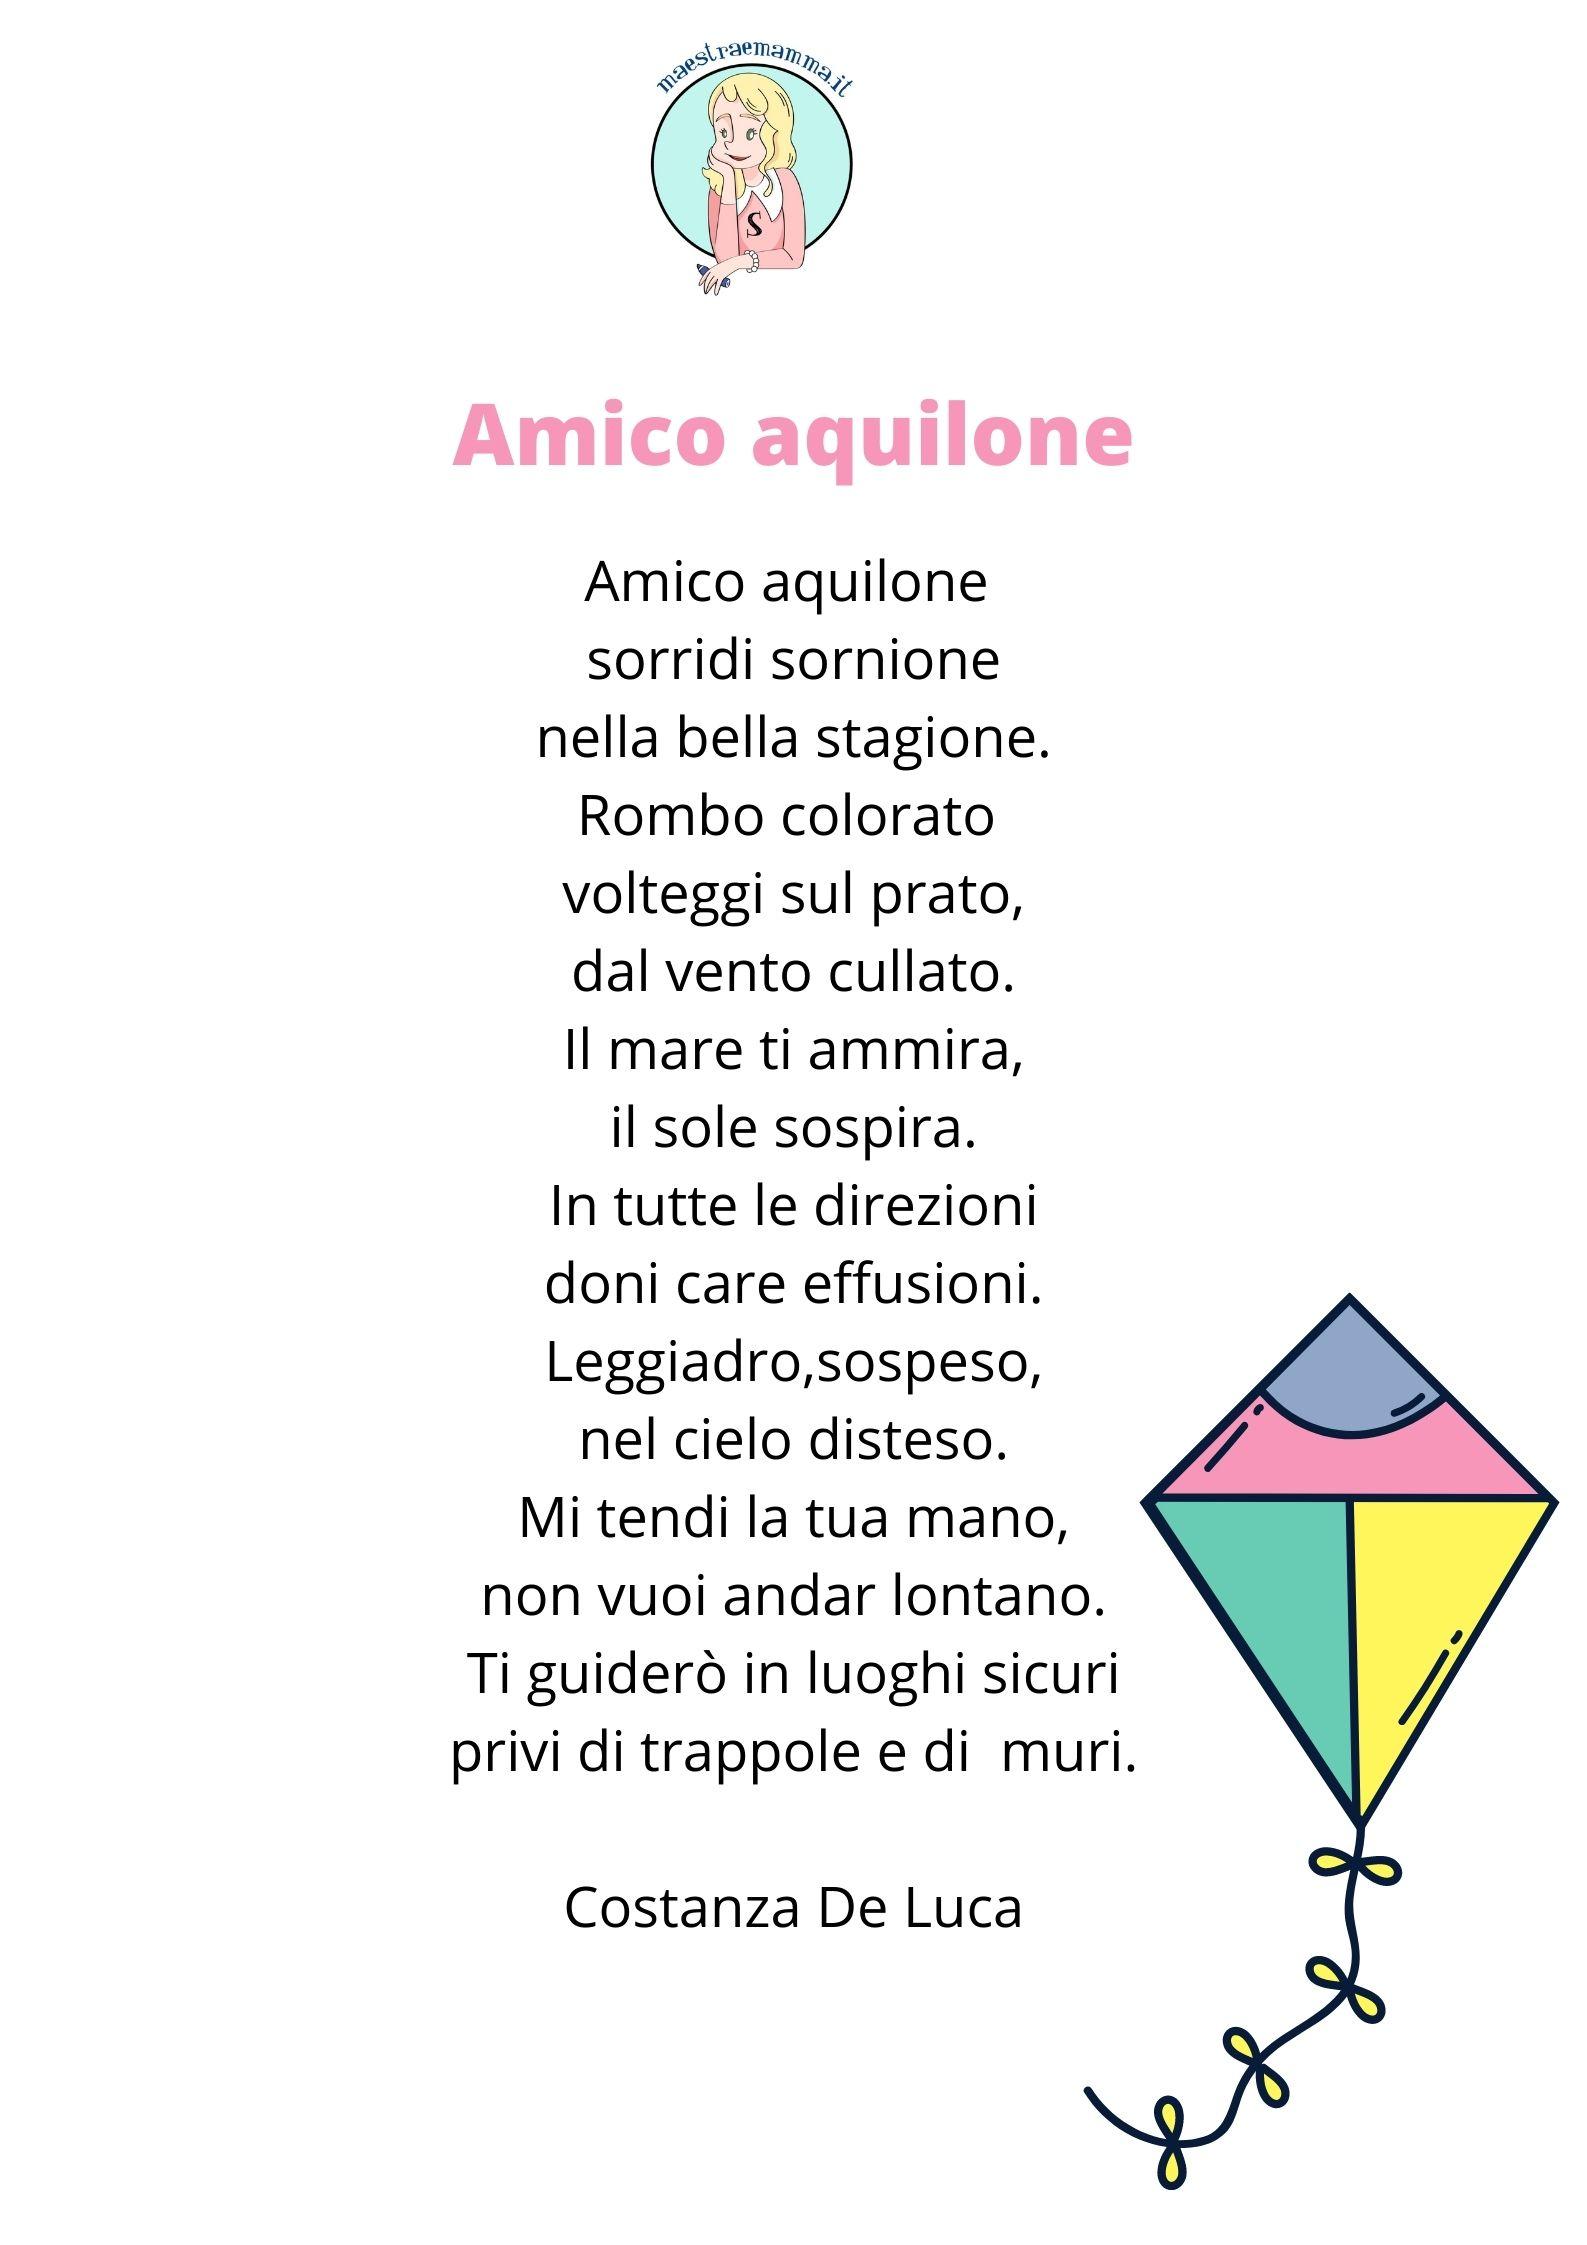 Amico aquilone - poesia di Costanza De Luca